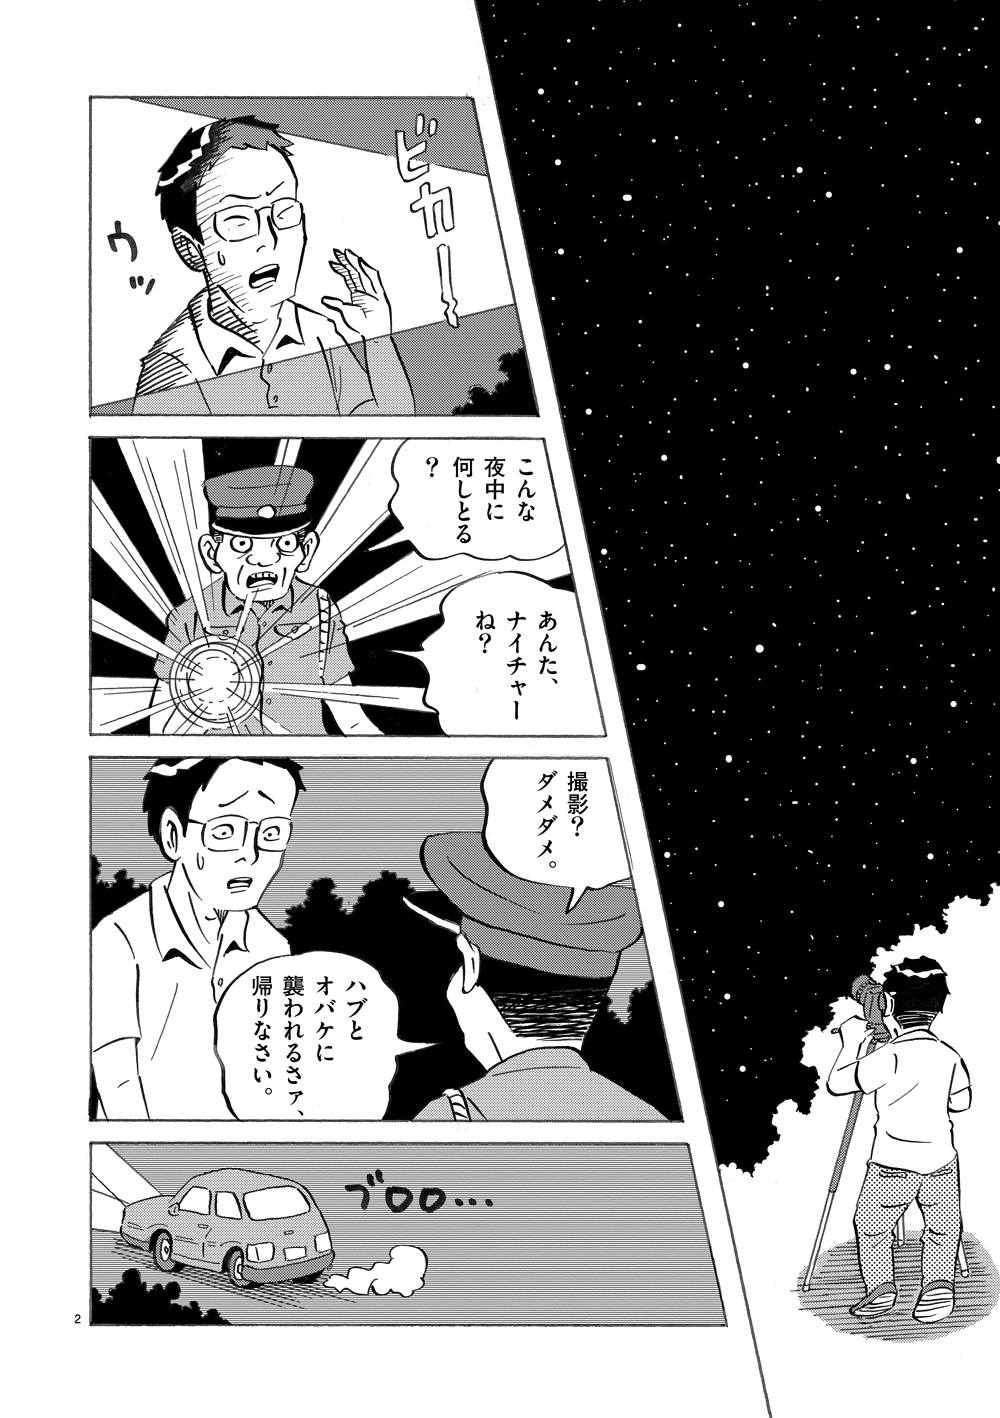 琉球怪談 【第7話】WEB掲載2ページ目画像